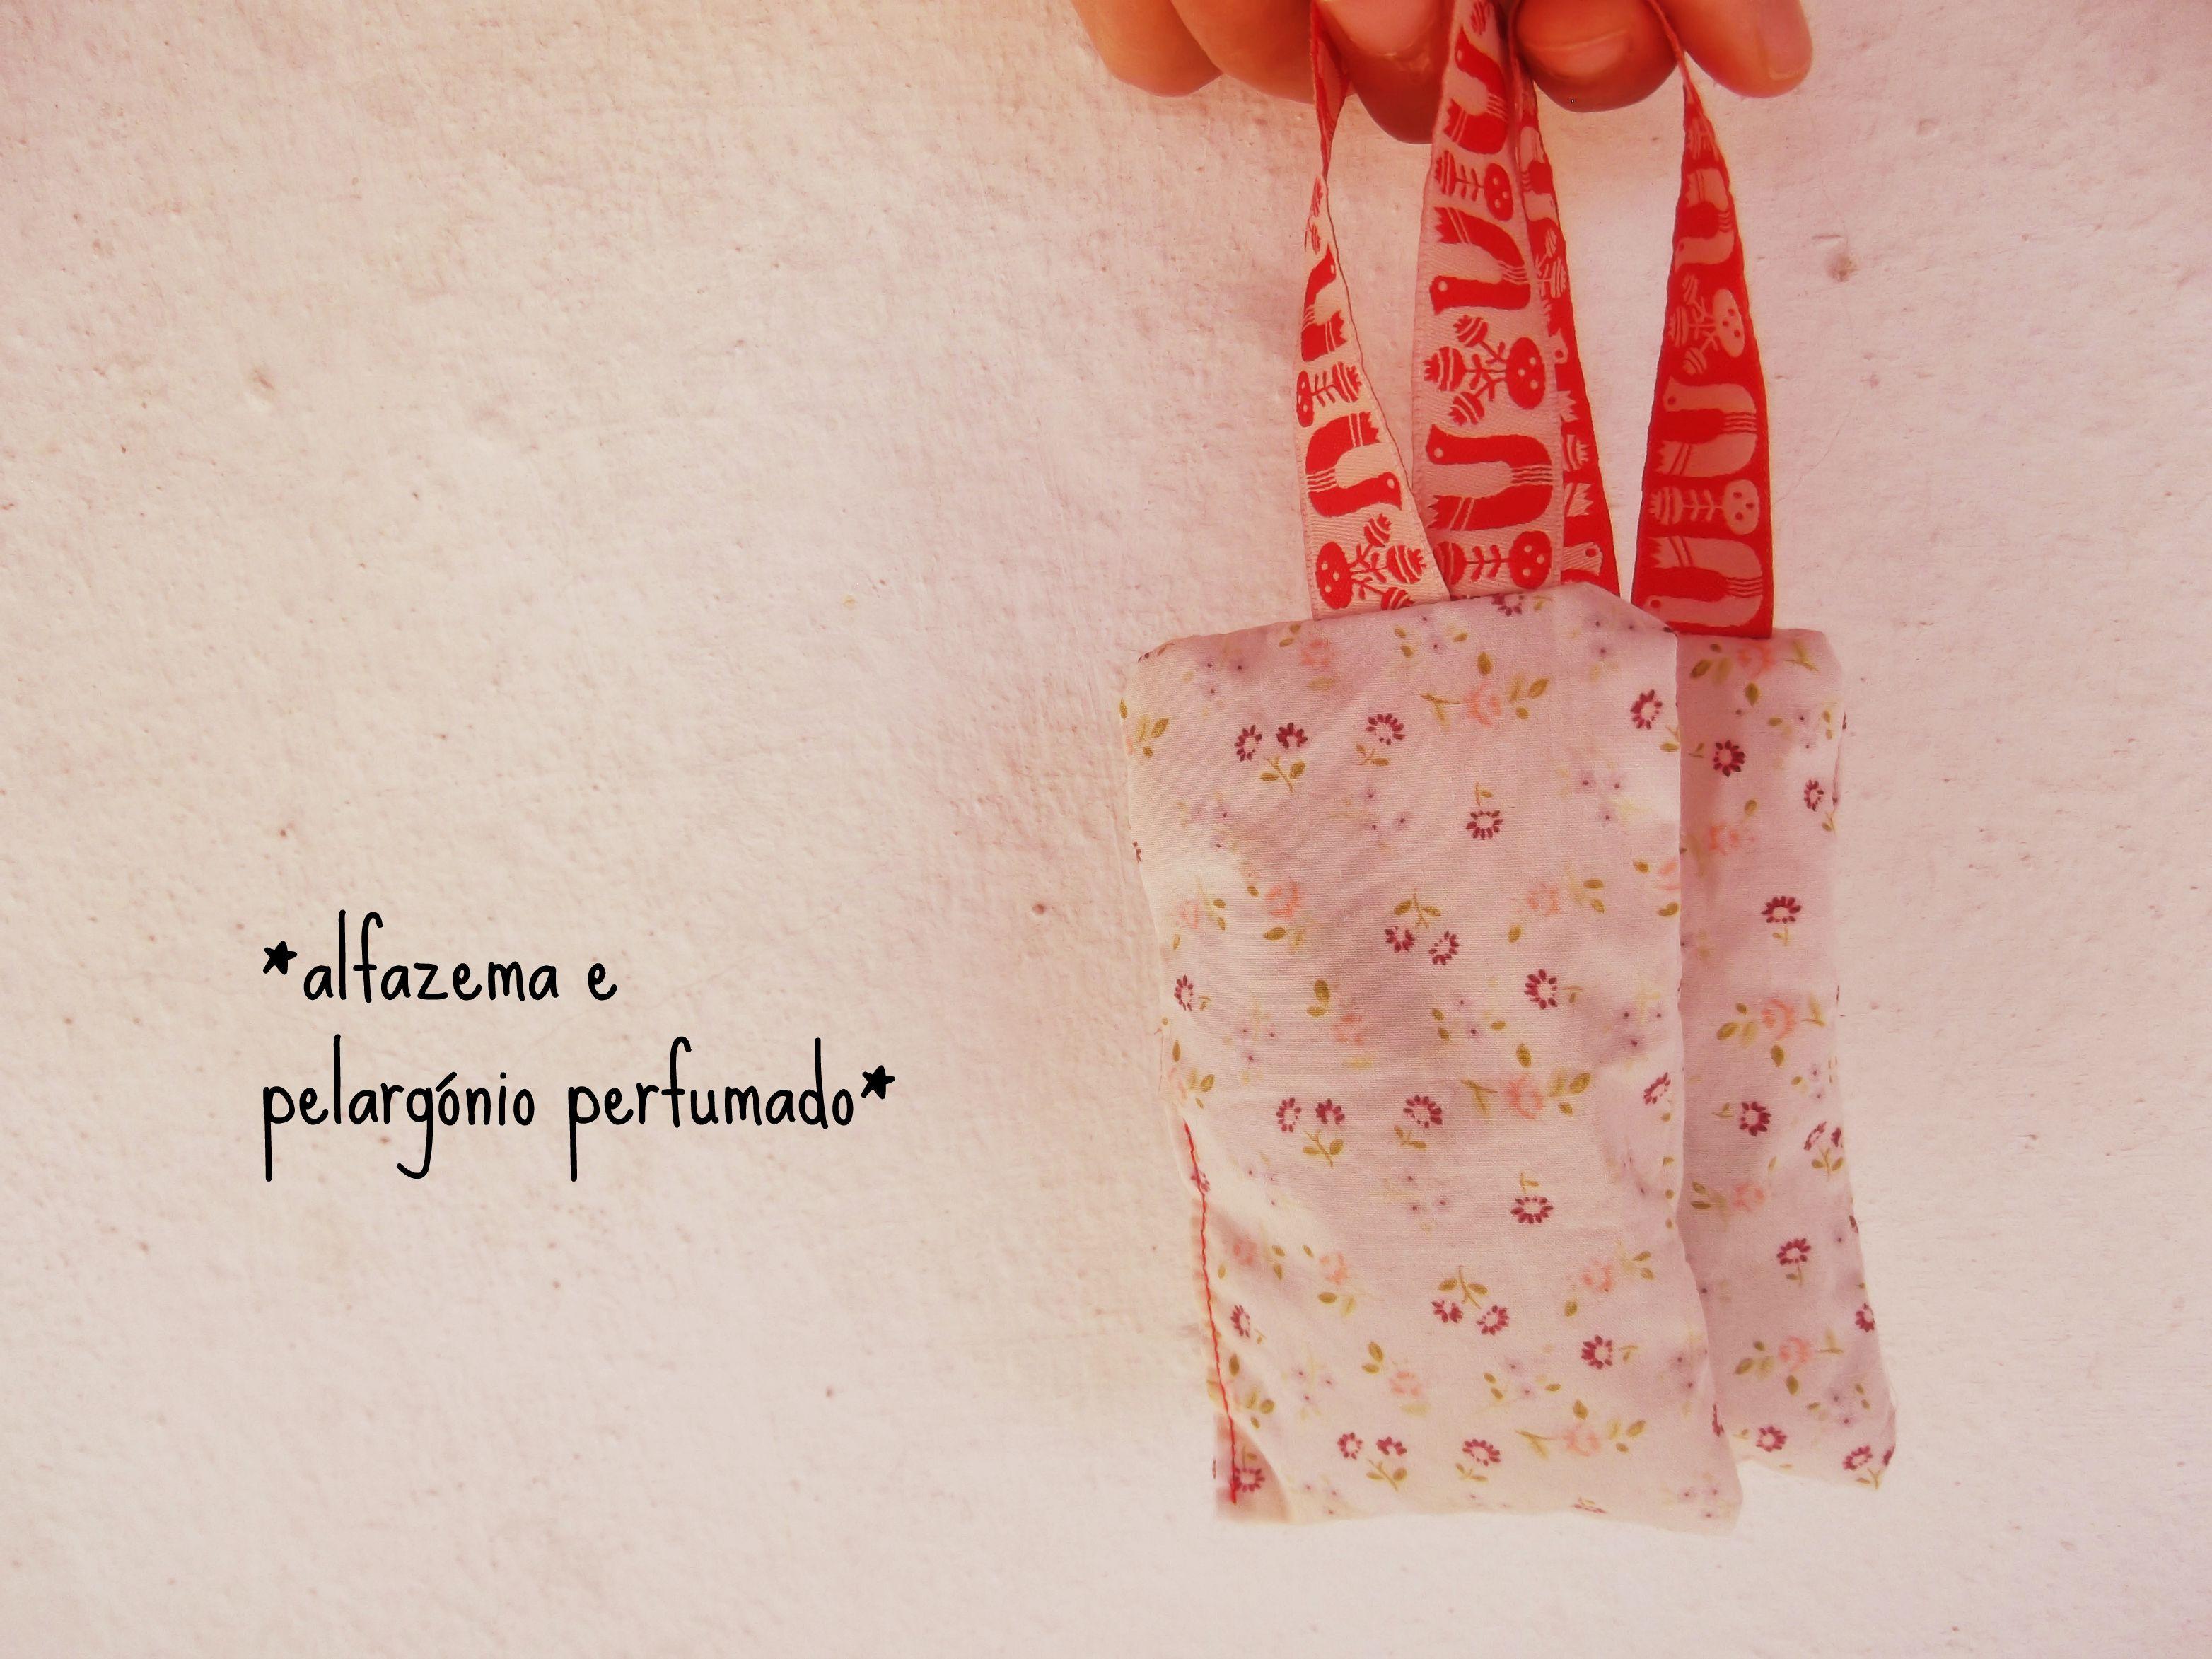 *lavender filled little cotton bags* saquinhos de algodão recheados de alfazema #jardim #aromáticas